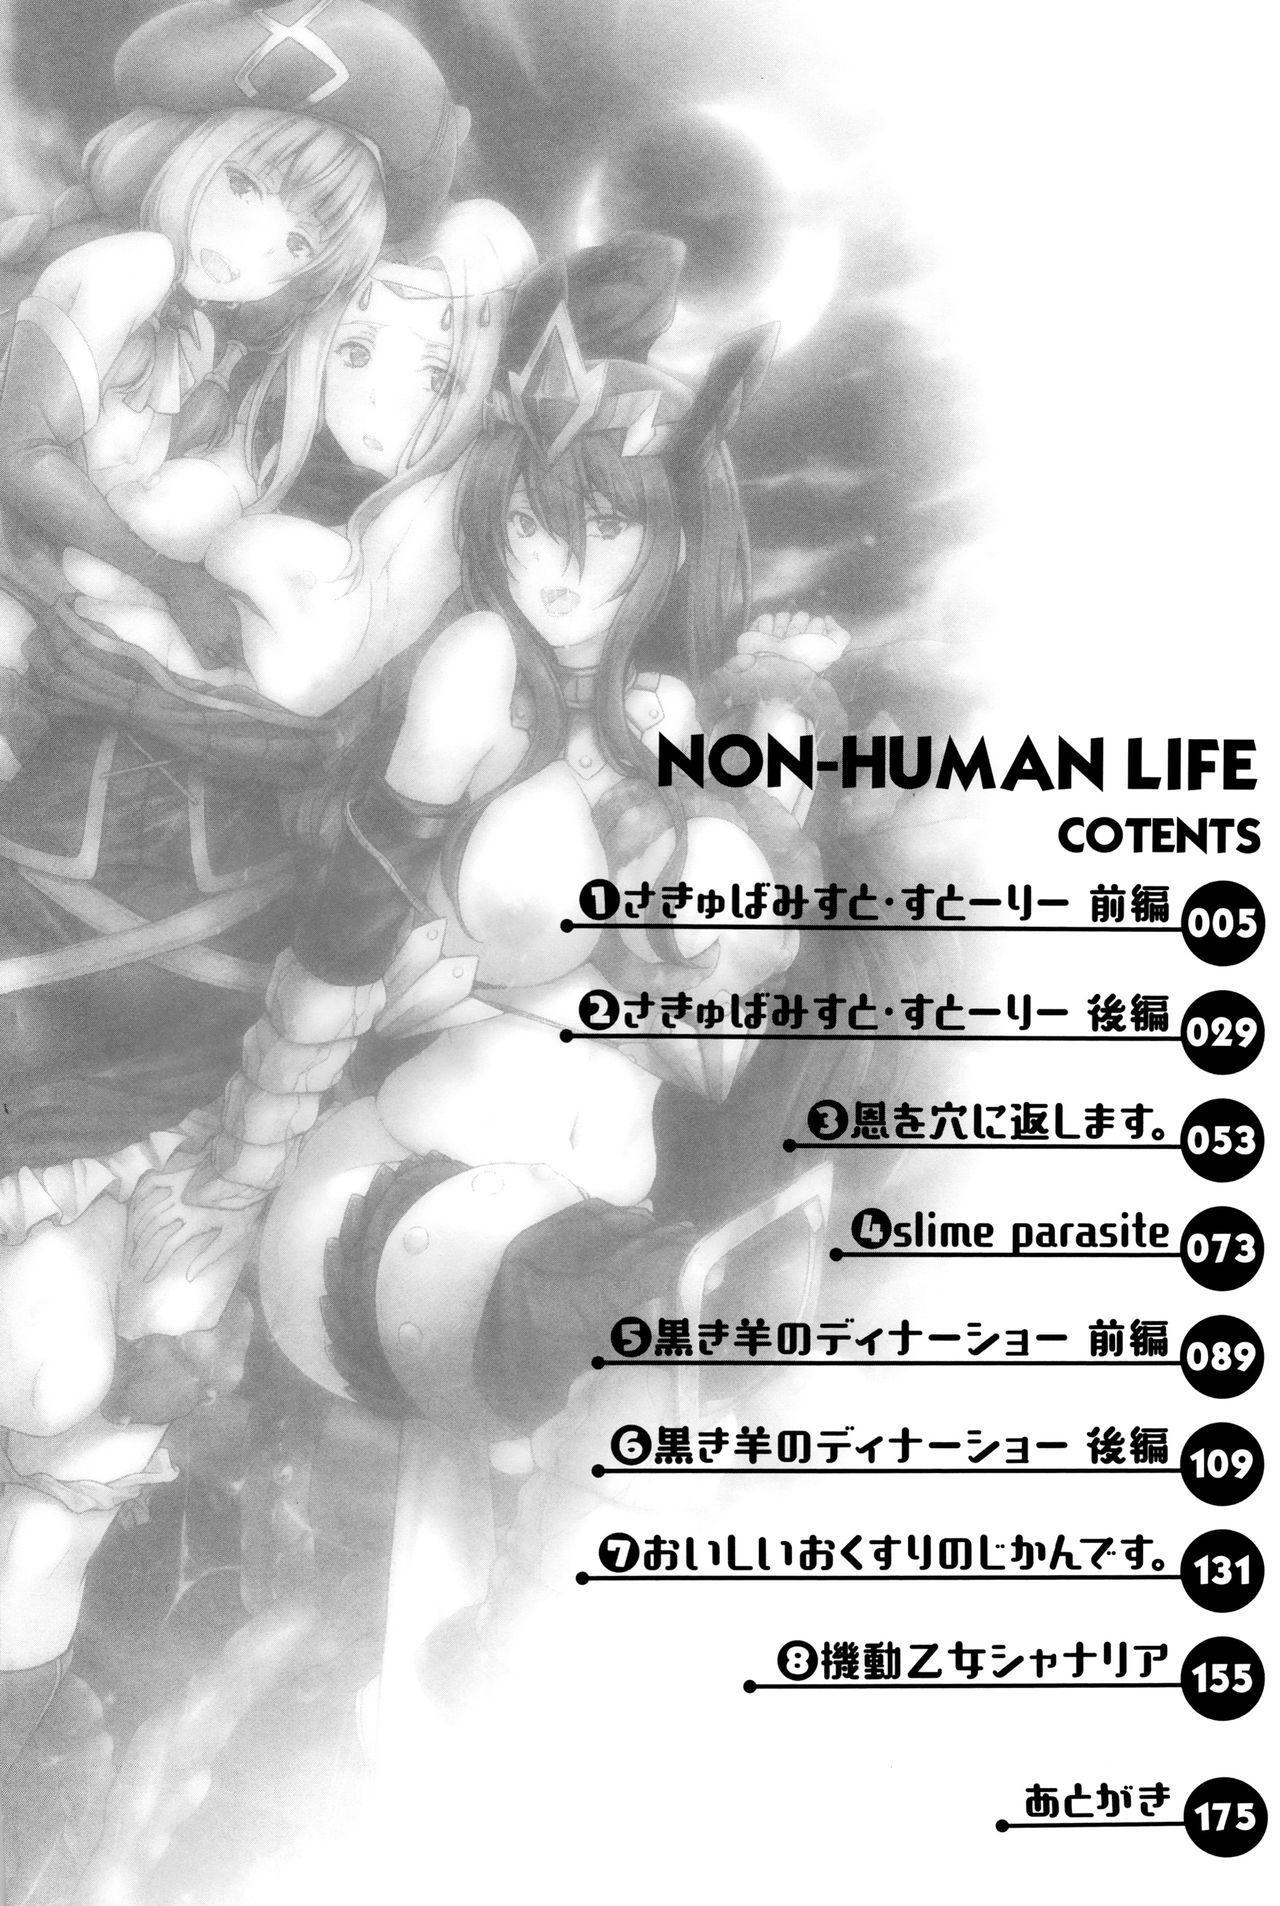 [Kimura Neito] Non-Human Life Ch.1-2 [English] {Doujins.com} 3